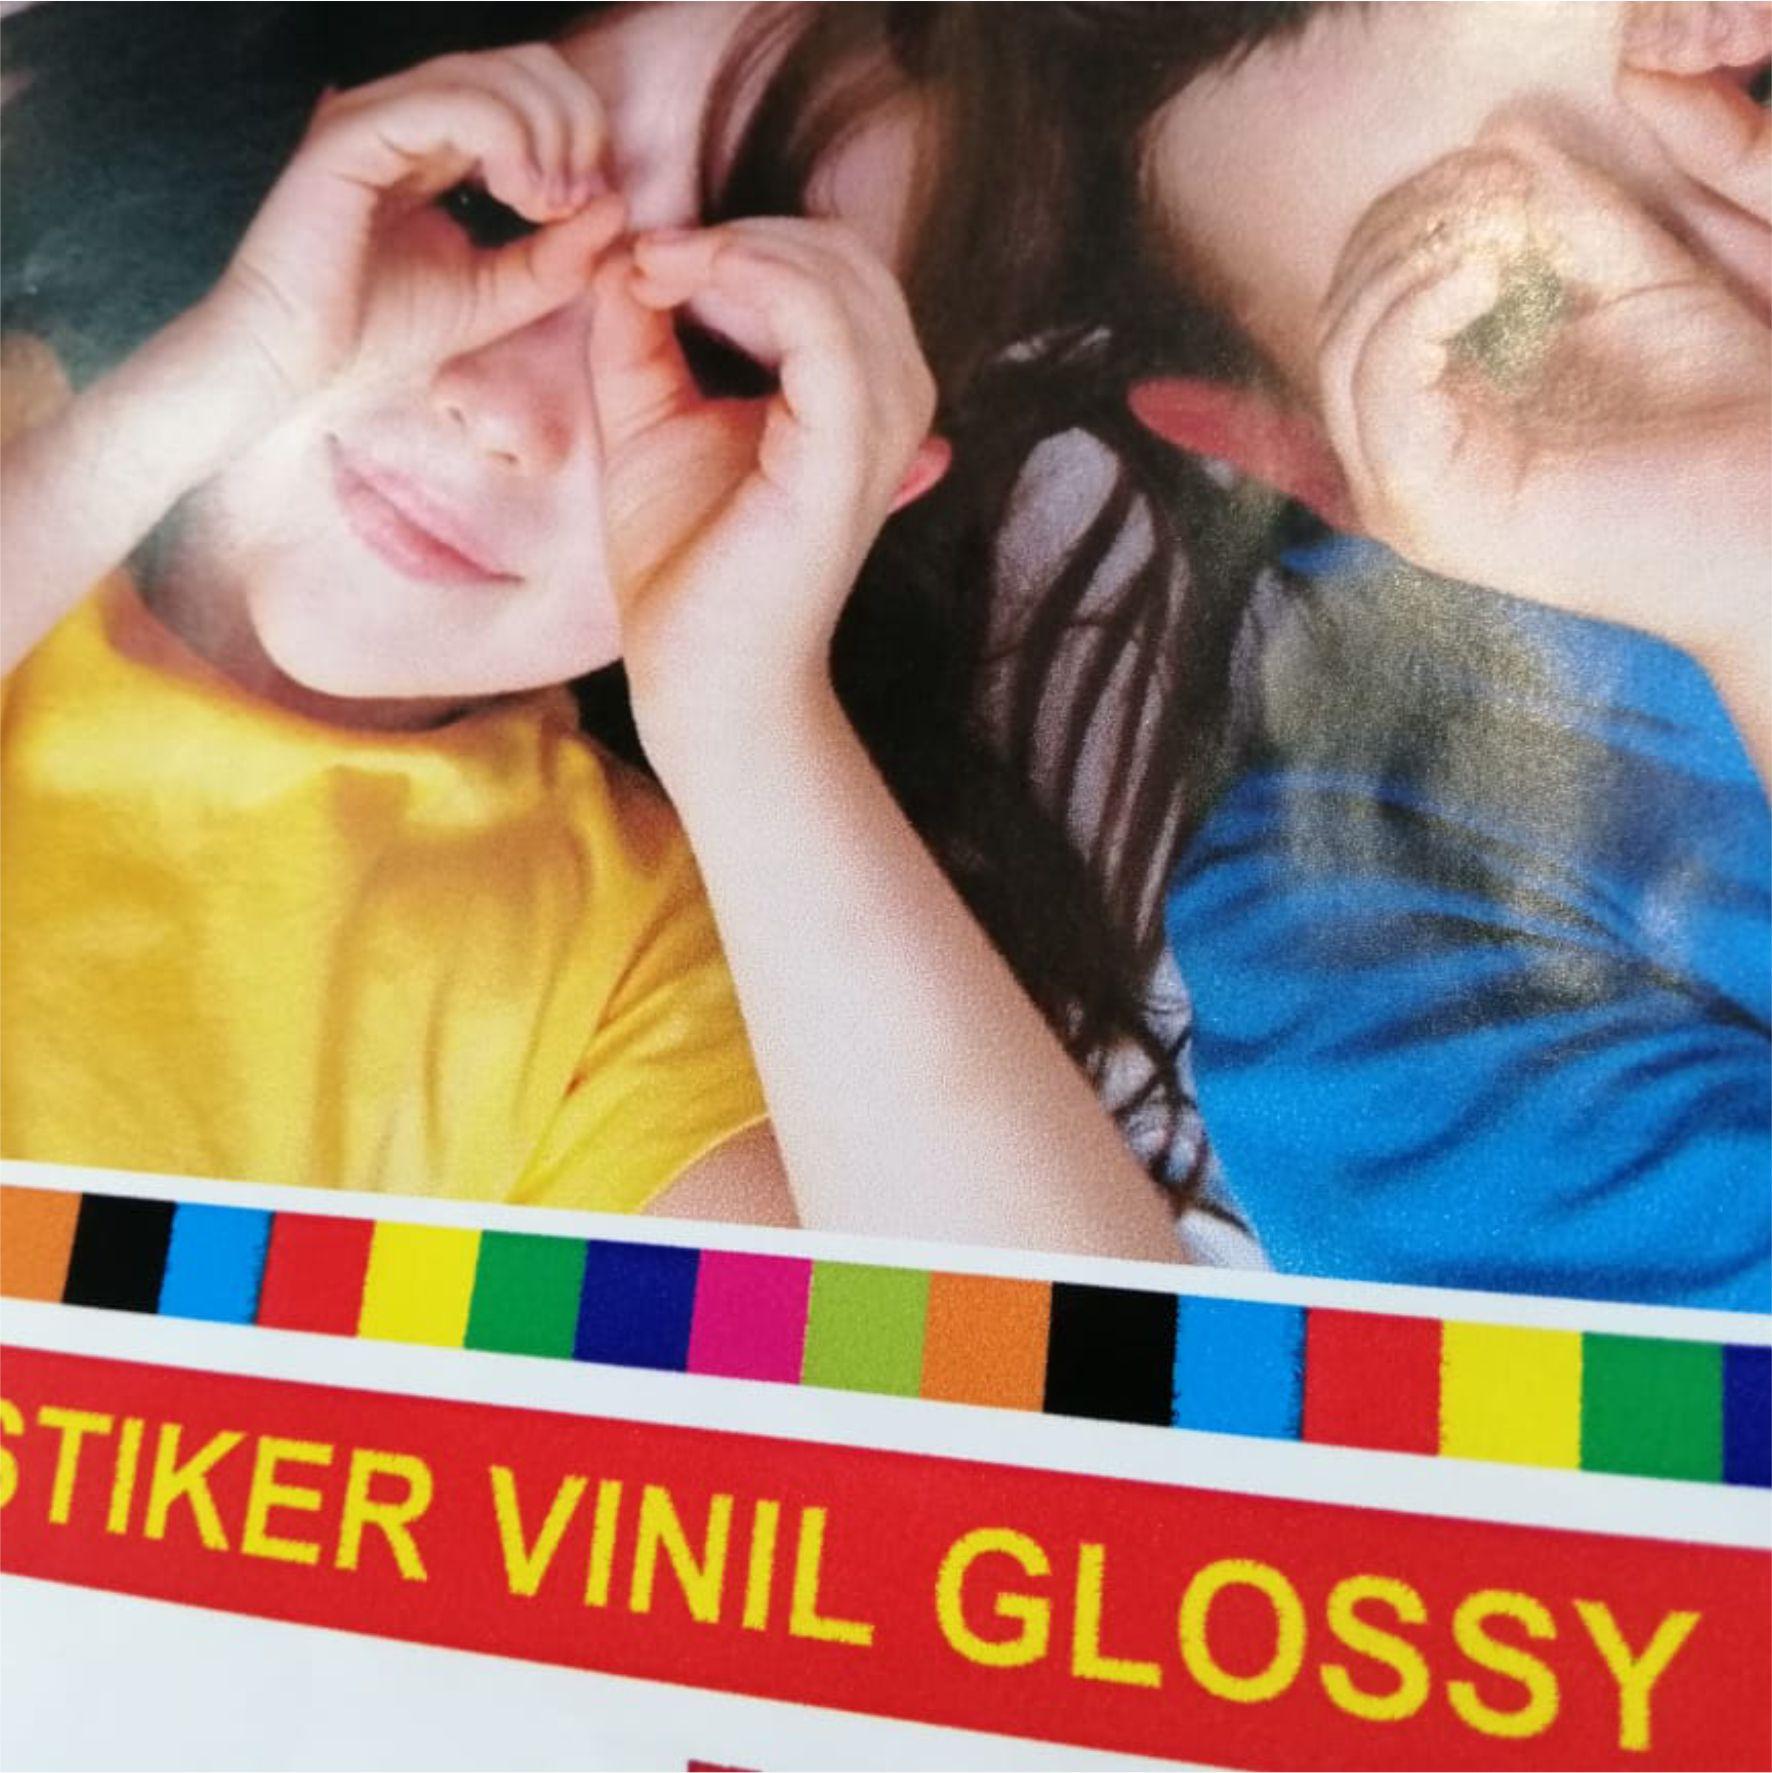 Sticker Vinyl Glossy